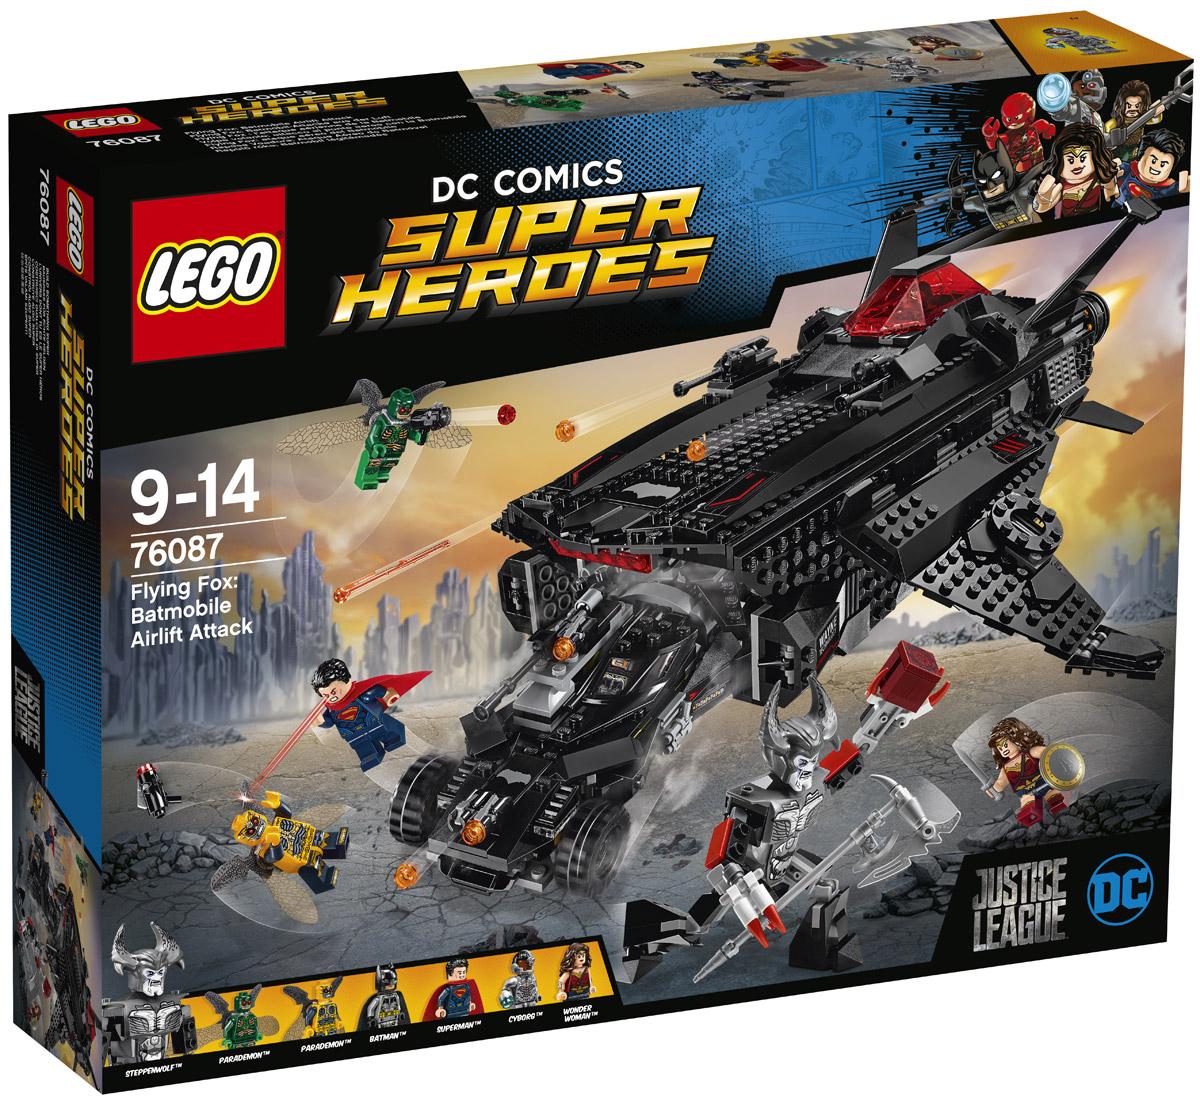 LEGO Super Heroes Конструктор Нападение с воздуха 76087 конструктор lego super heroes нападение с воздуха 76087 l